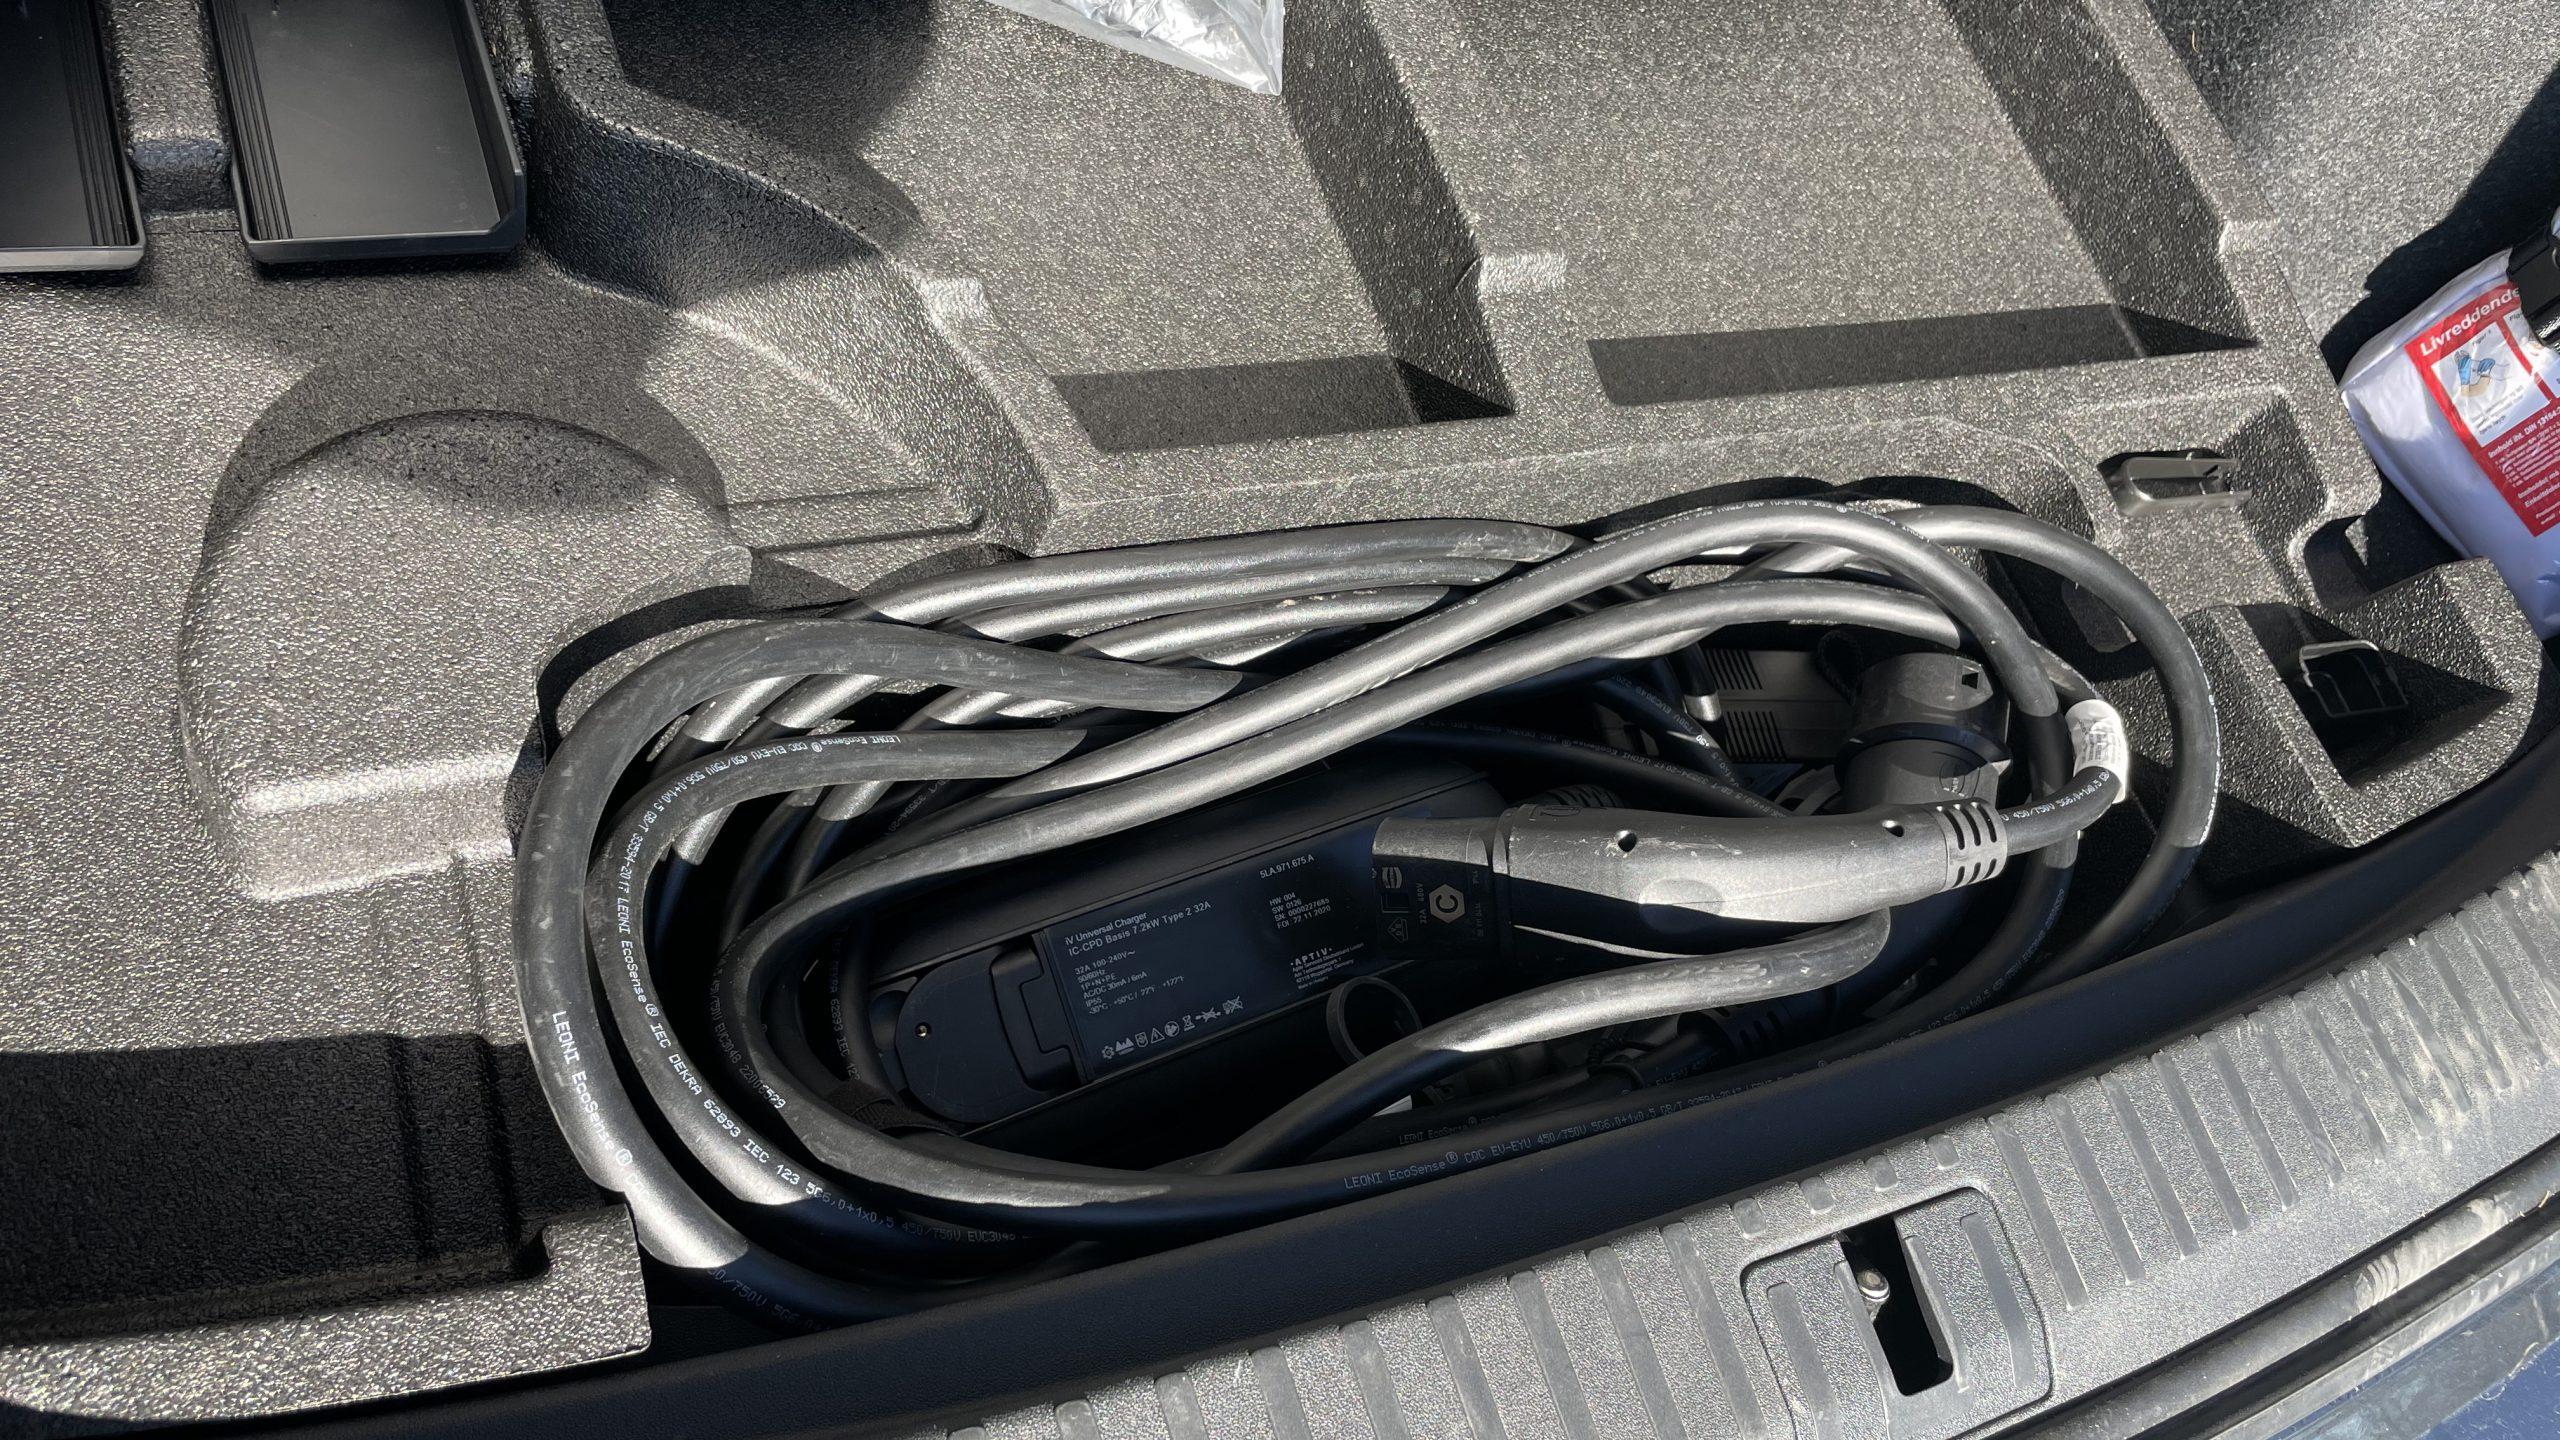 Skoda Enyaq iV trunk compartment